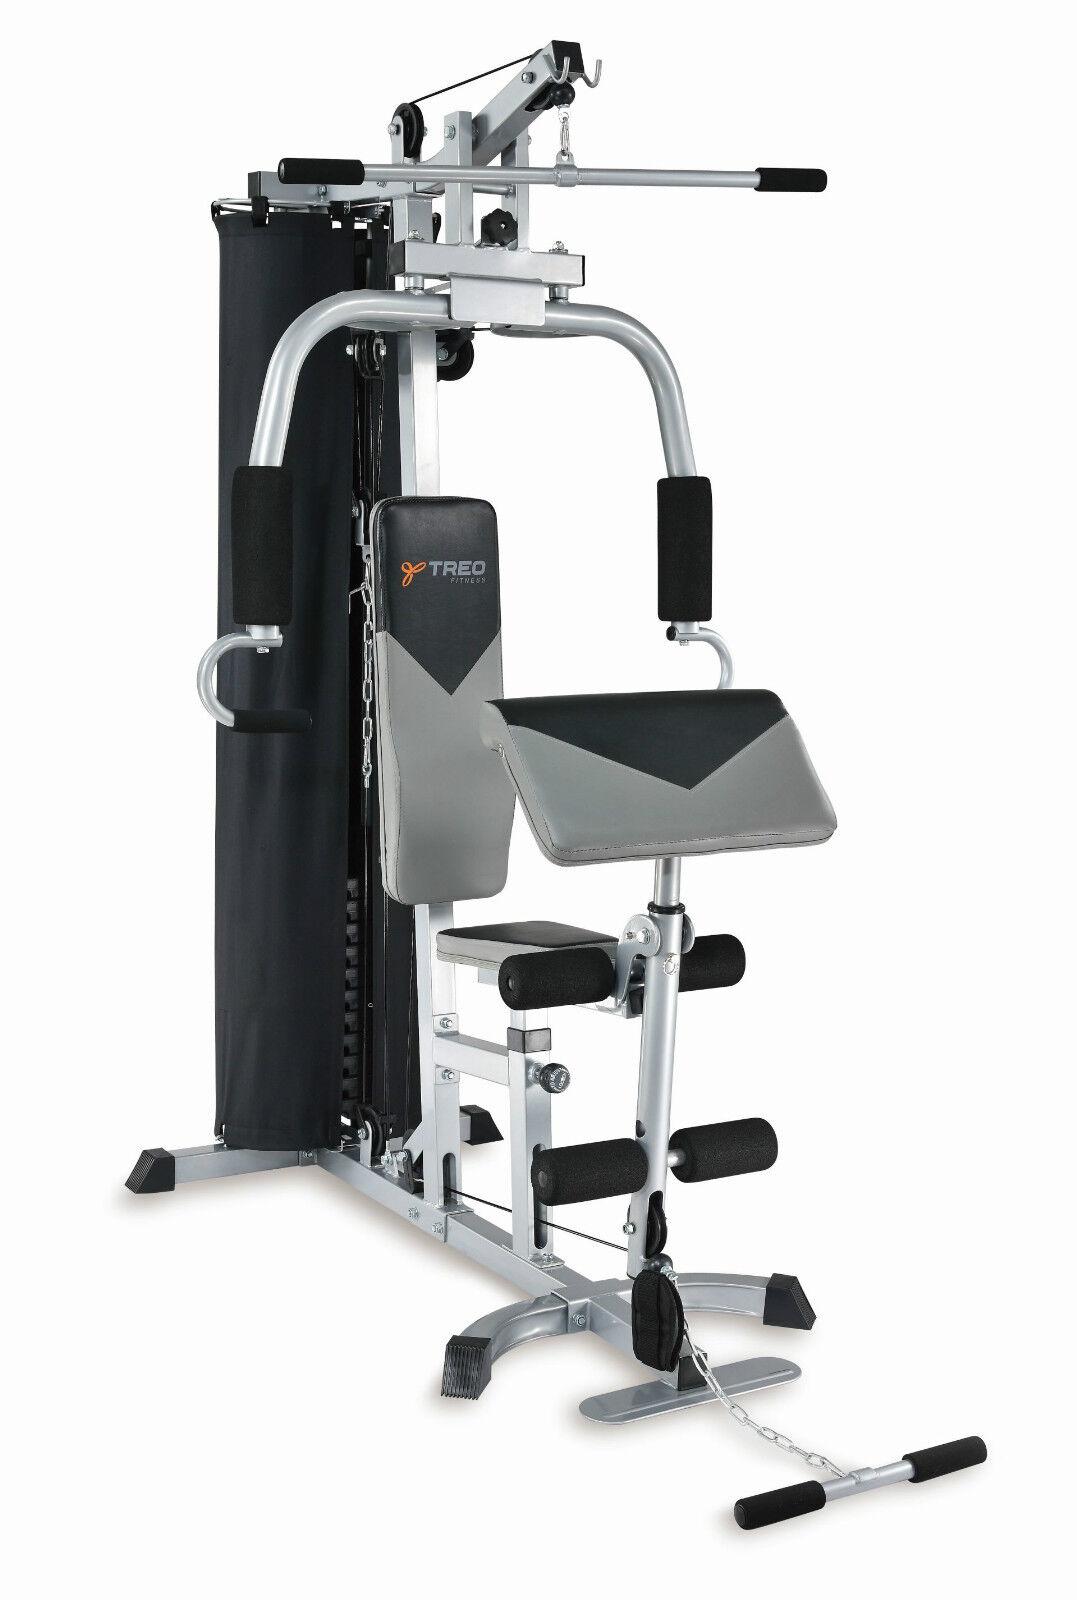 Stazione Multifunzione G102 Multigym Treo Fitness per Leg Curl Arm Press Multi